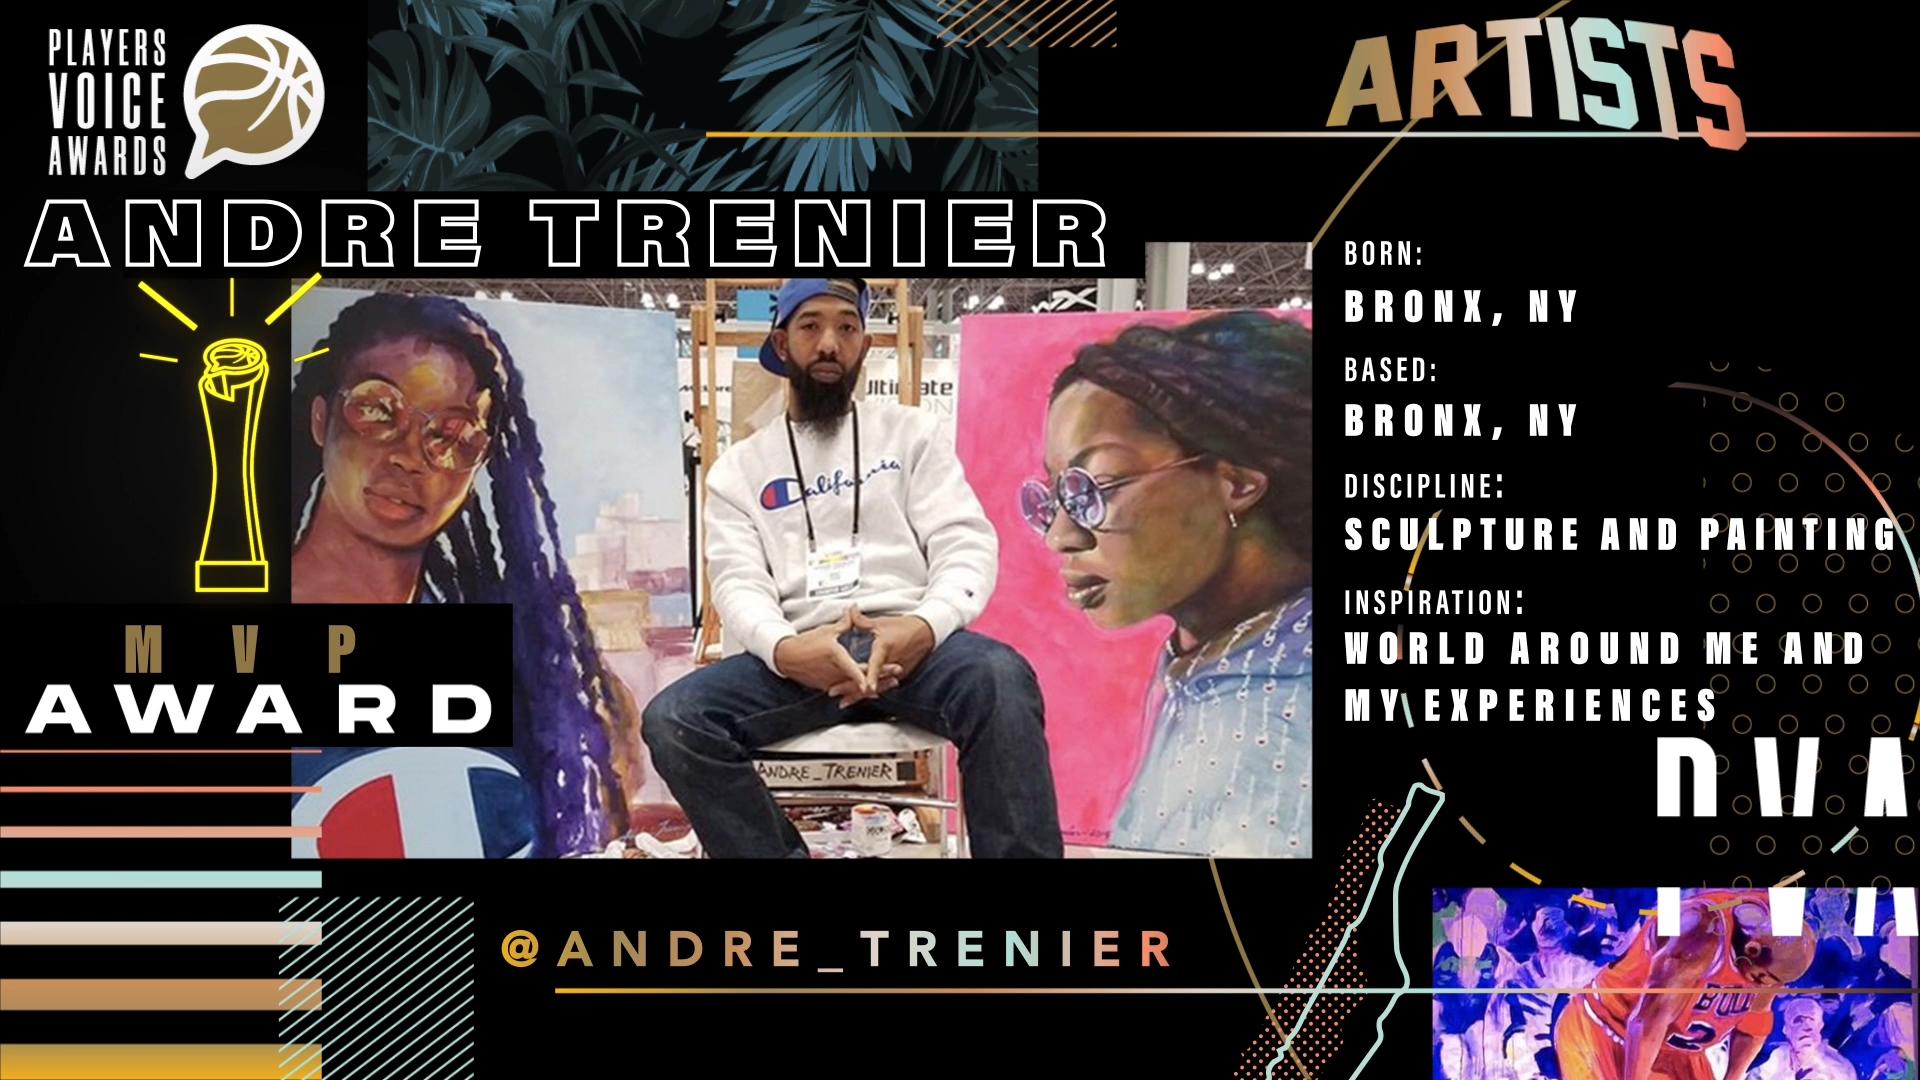 Andre Trenier